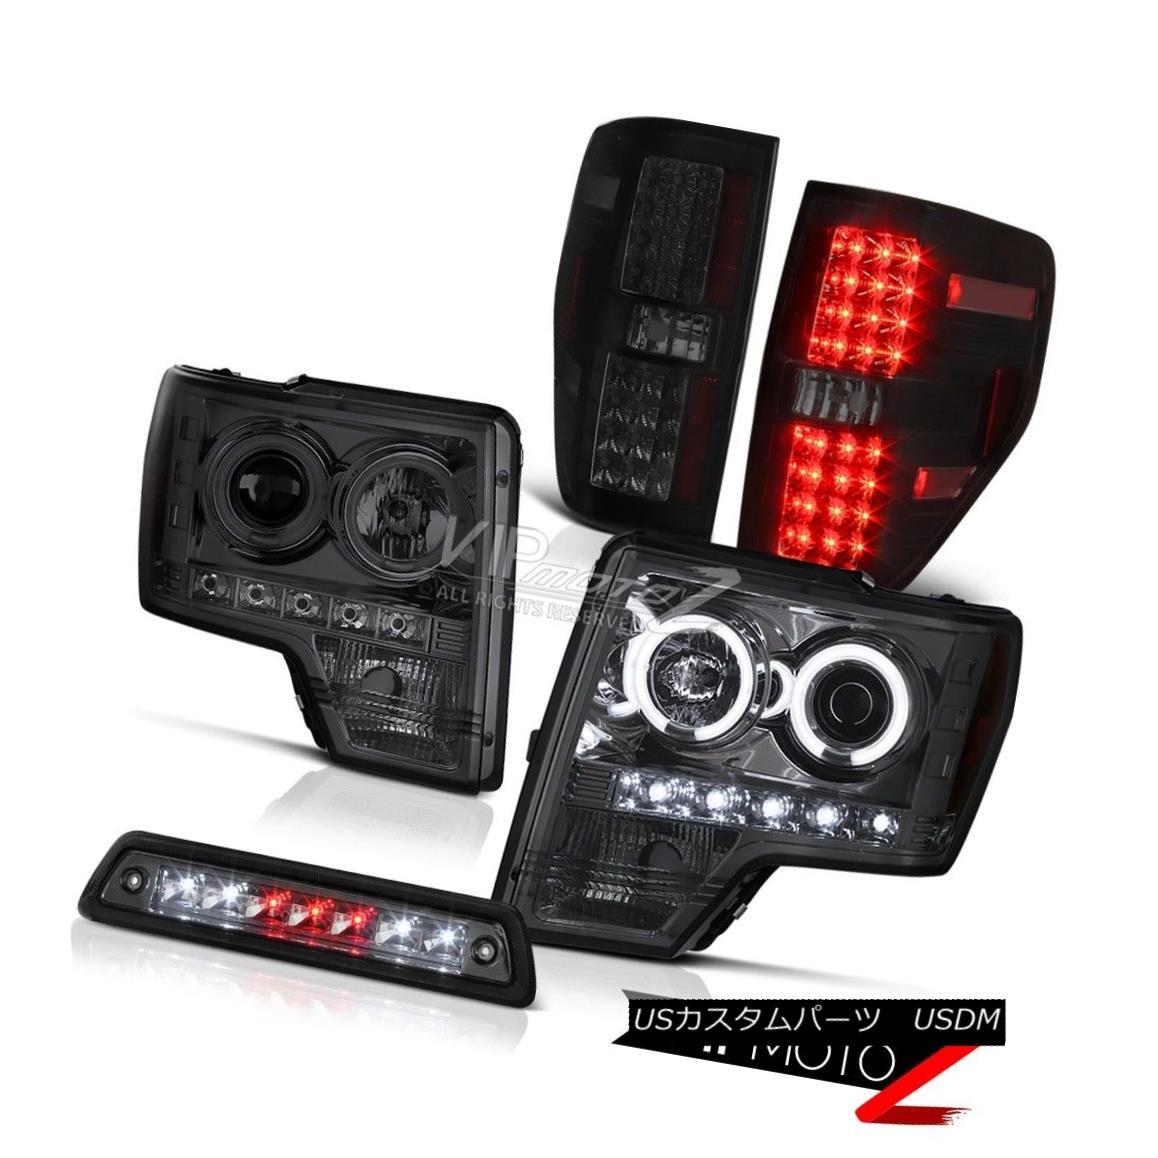 テールライト 09-14 F150 FX4 Smoked 3rd brake light rear lamps projector Headlamps LED Newest 09-14 F150 FX4スモーク第3ブレーキライトリアプロジェクタープロジェクターヘッドランプLED最新